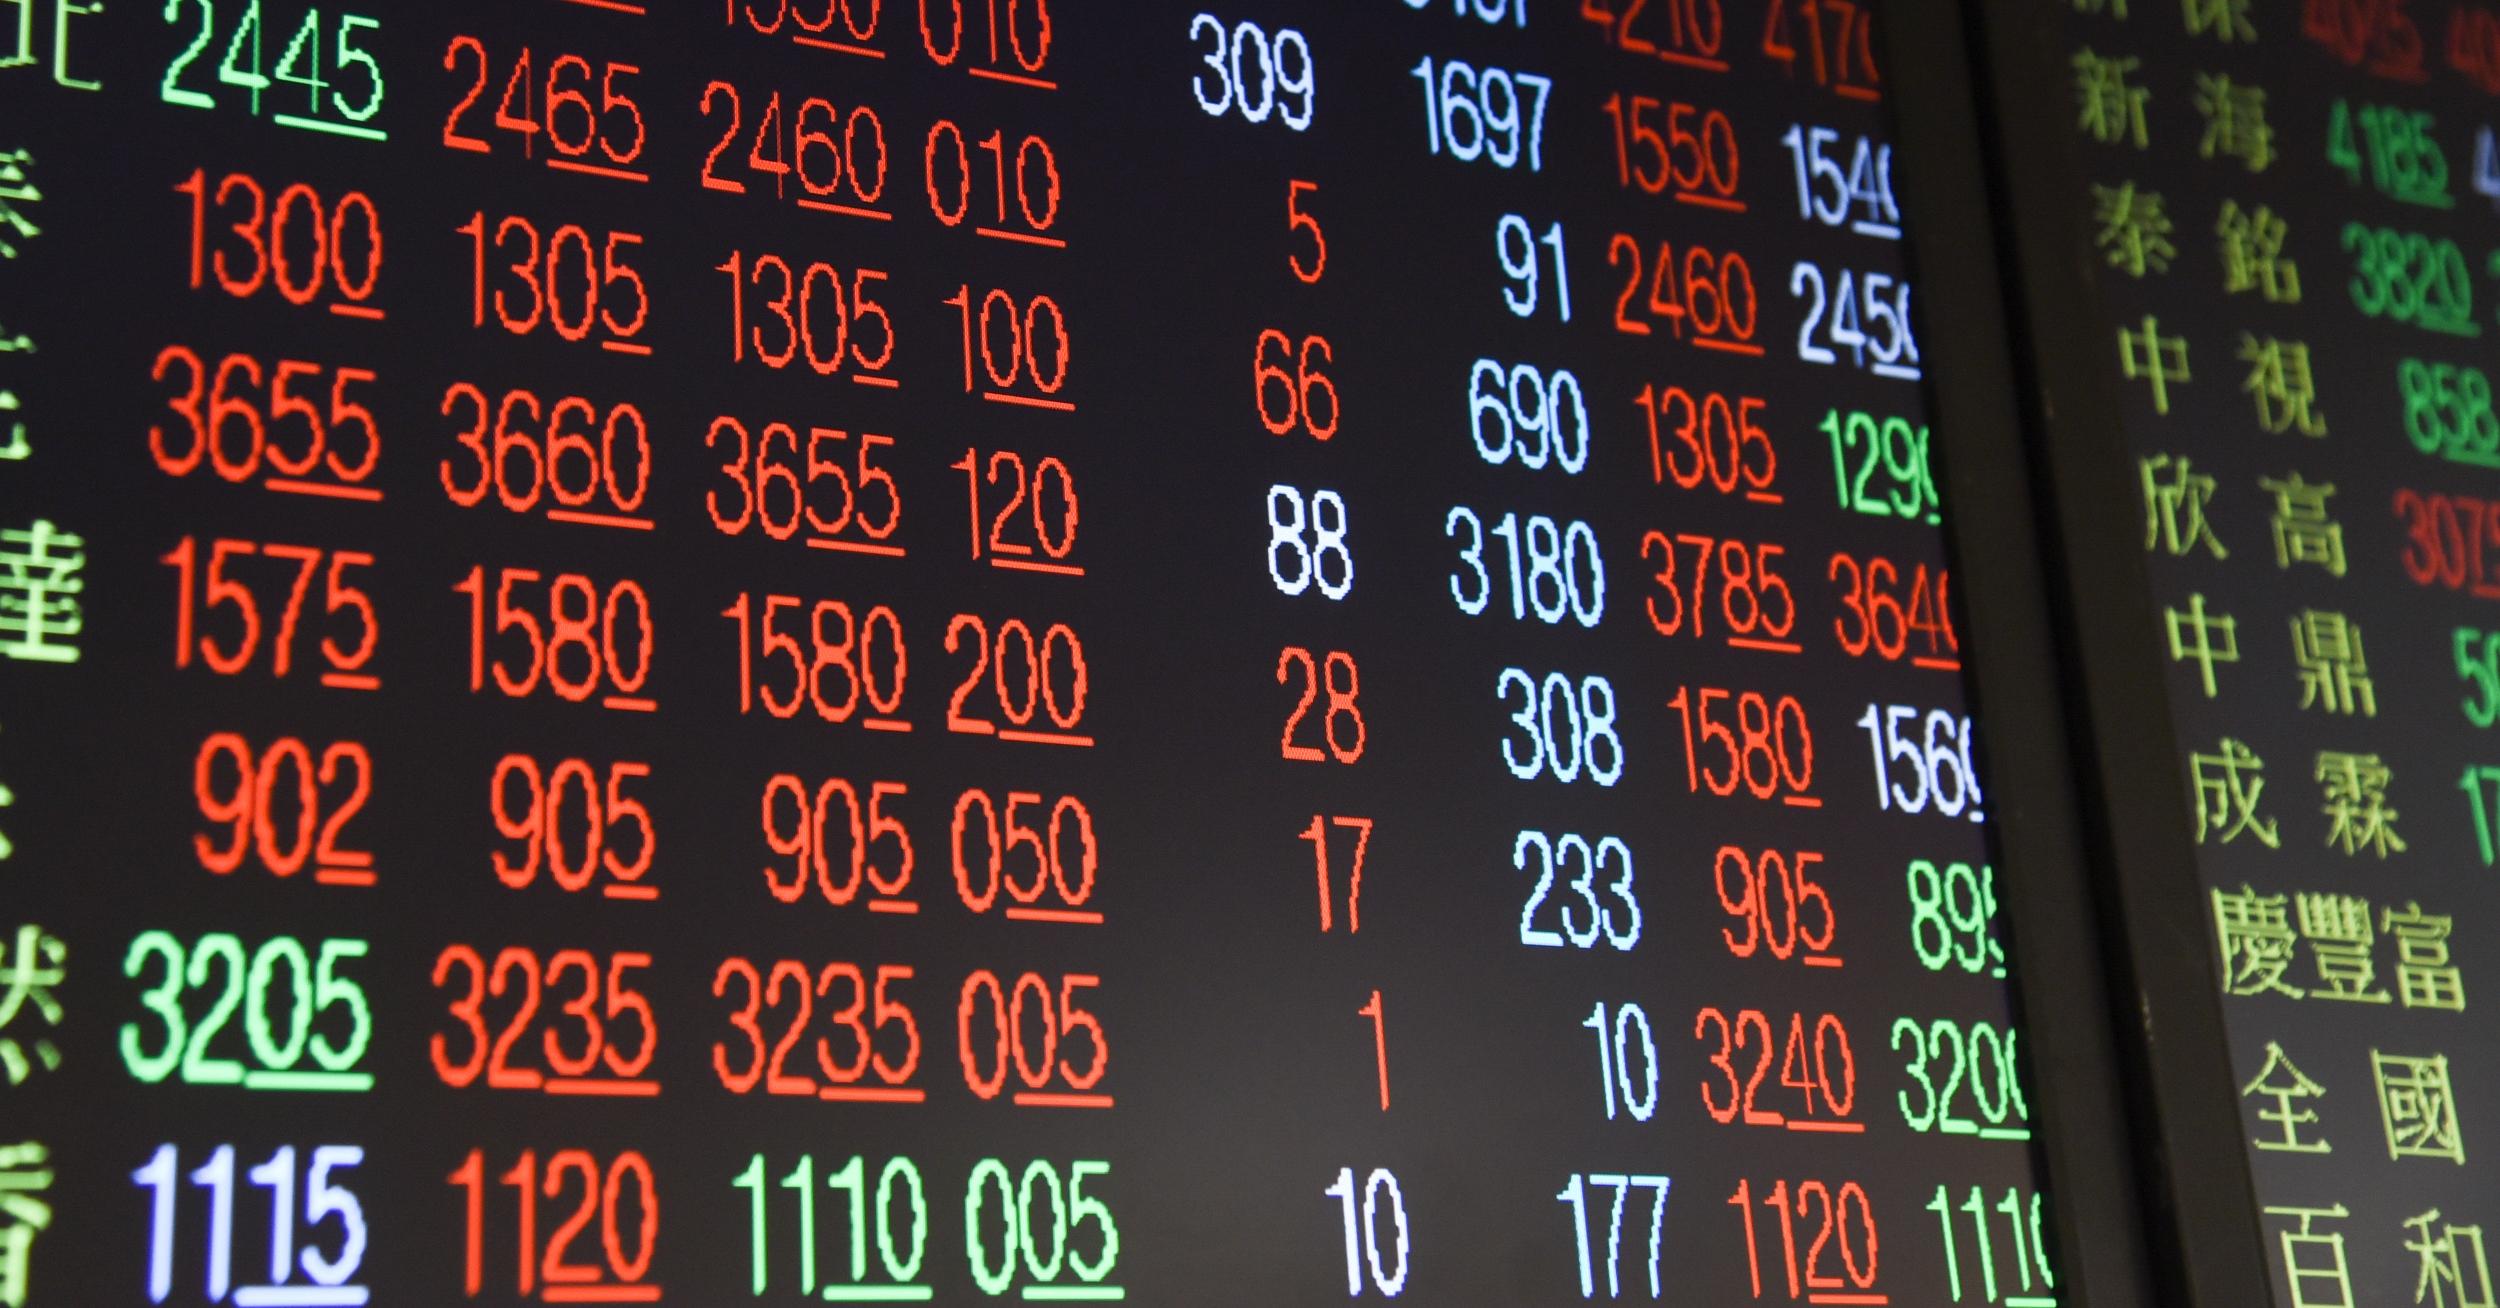 ▲投信業者指出,現今投資重點仍要持續關注疫情變化,操作上以選股為主,鎖定較不受疫情影響的族群。(圖/NOWnewsy資料照片)